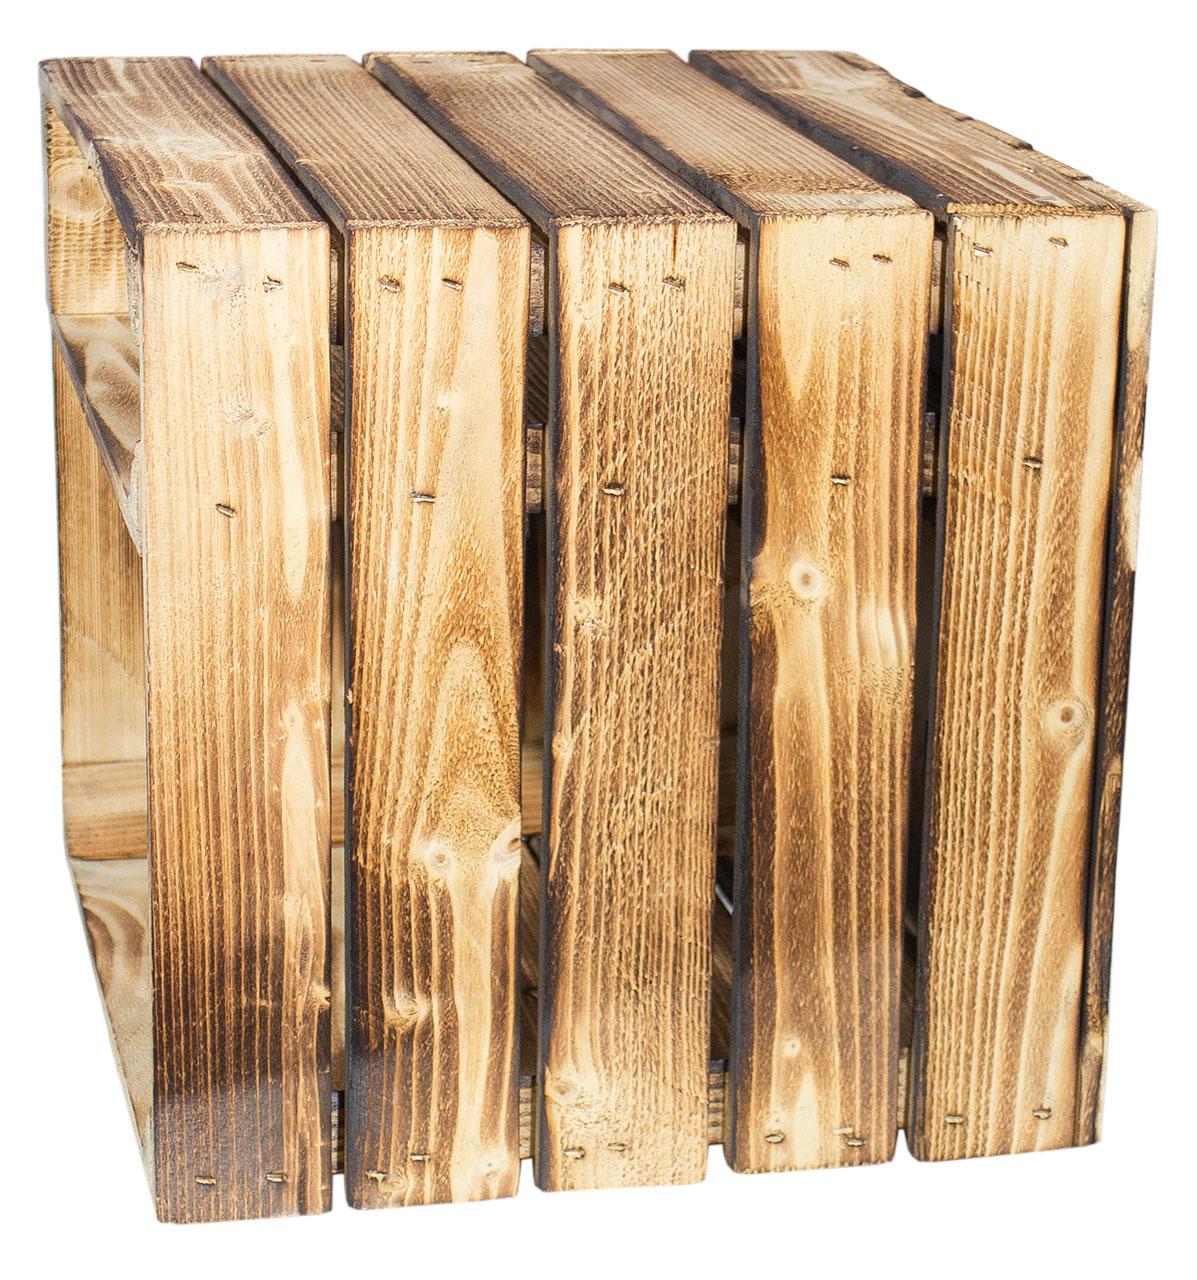 sparpakete 3 kompakte regalkisten in geflammter optik 42x38x38cm obstkisten online shop. Black Bedroom Furniture Sets. Home Design Ideas